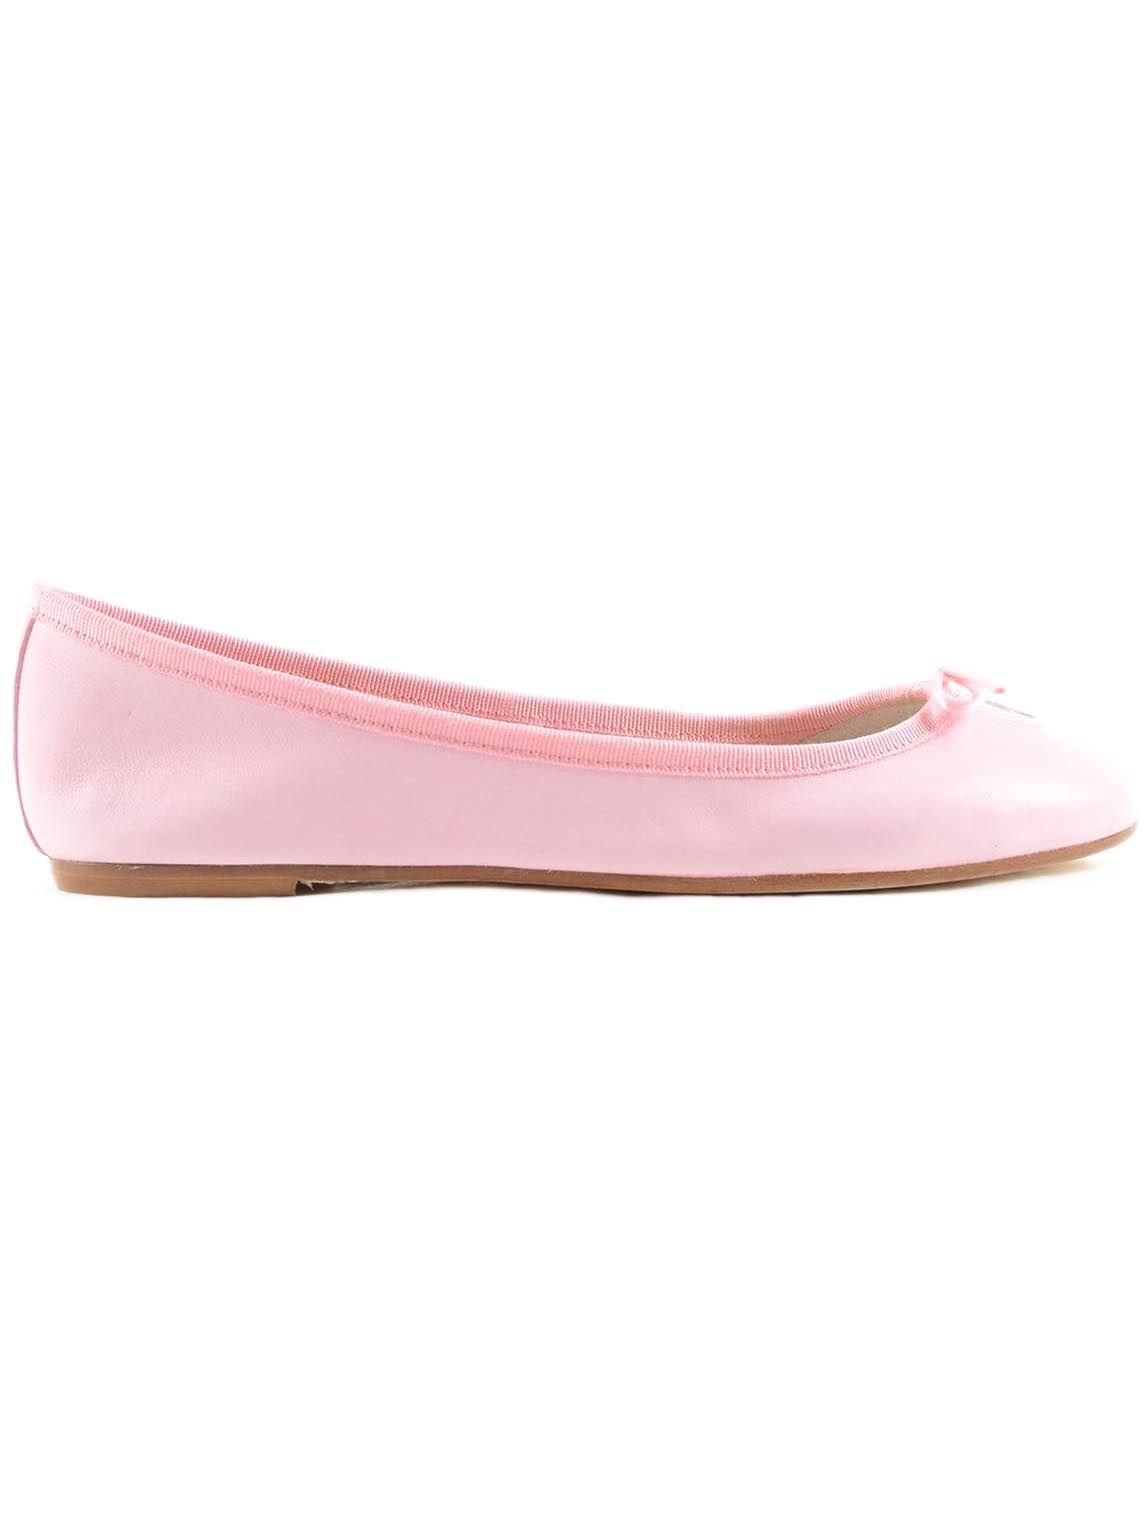 Annette ballerinas - Pink & Purple Anna Baiguera